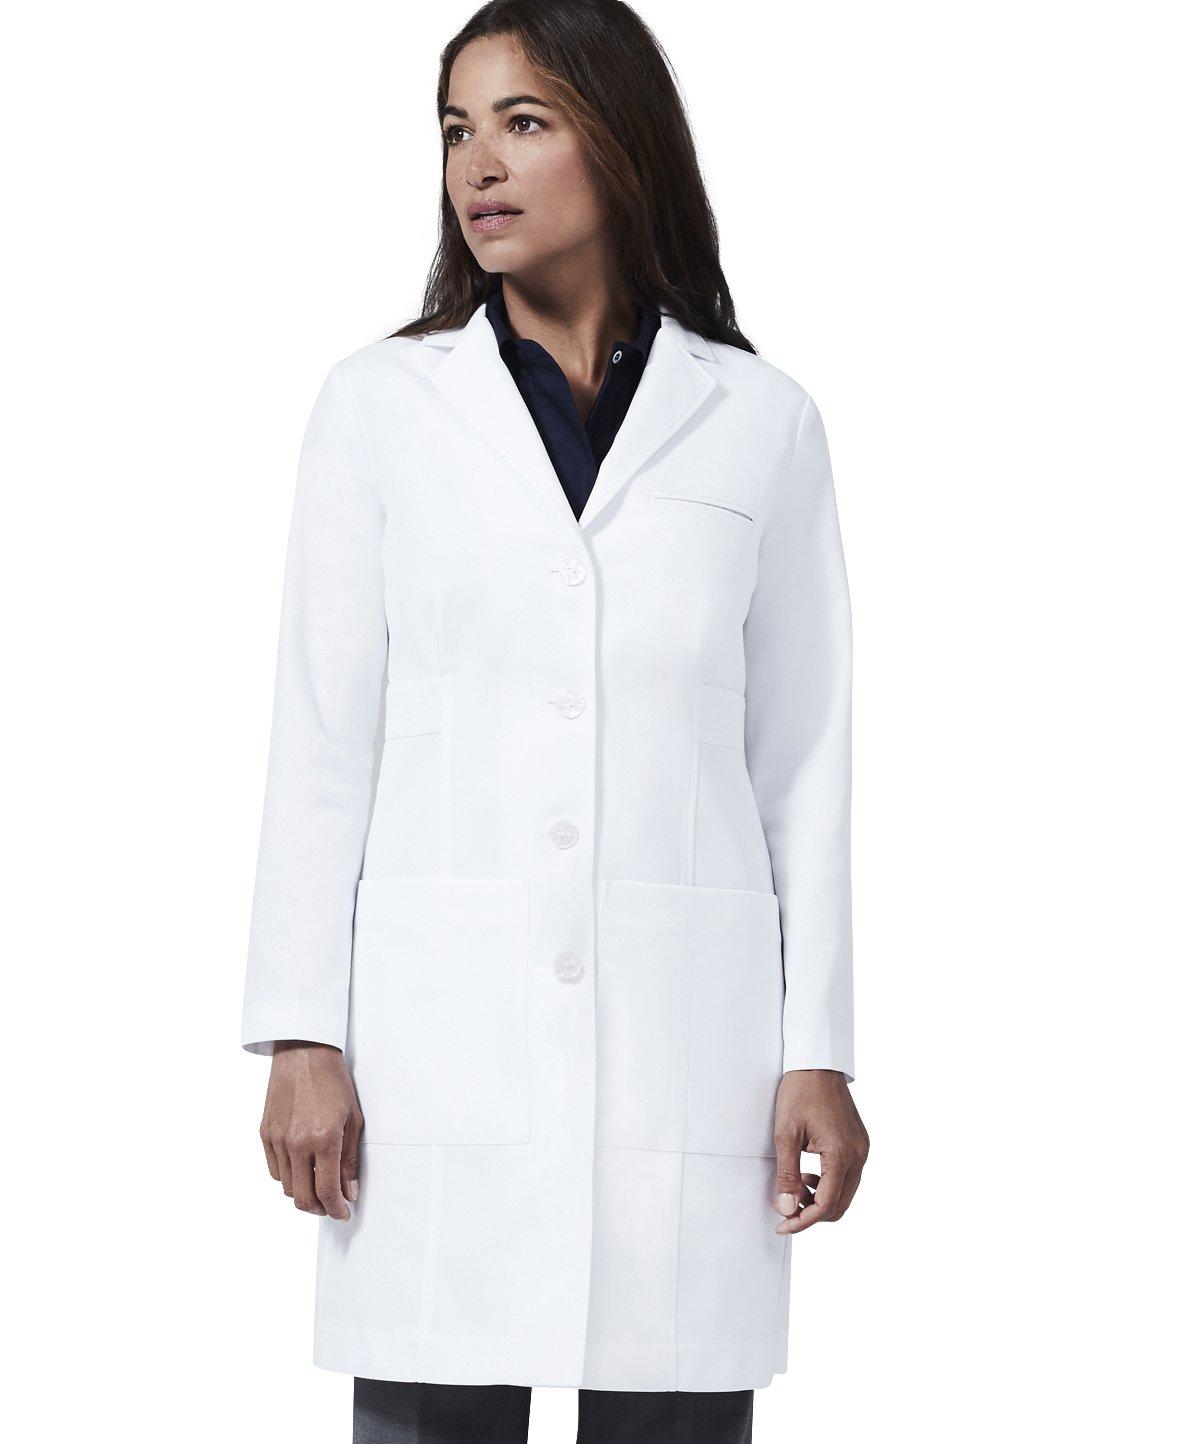 Medelita Women's Estie Classic Fit M3 - Size 16, White